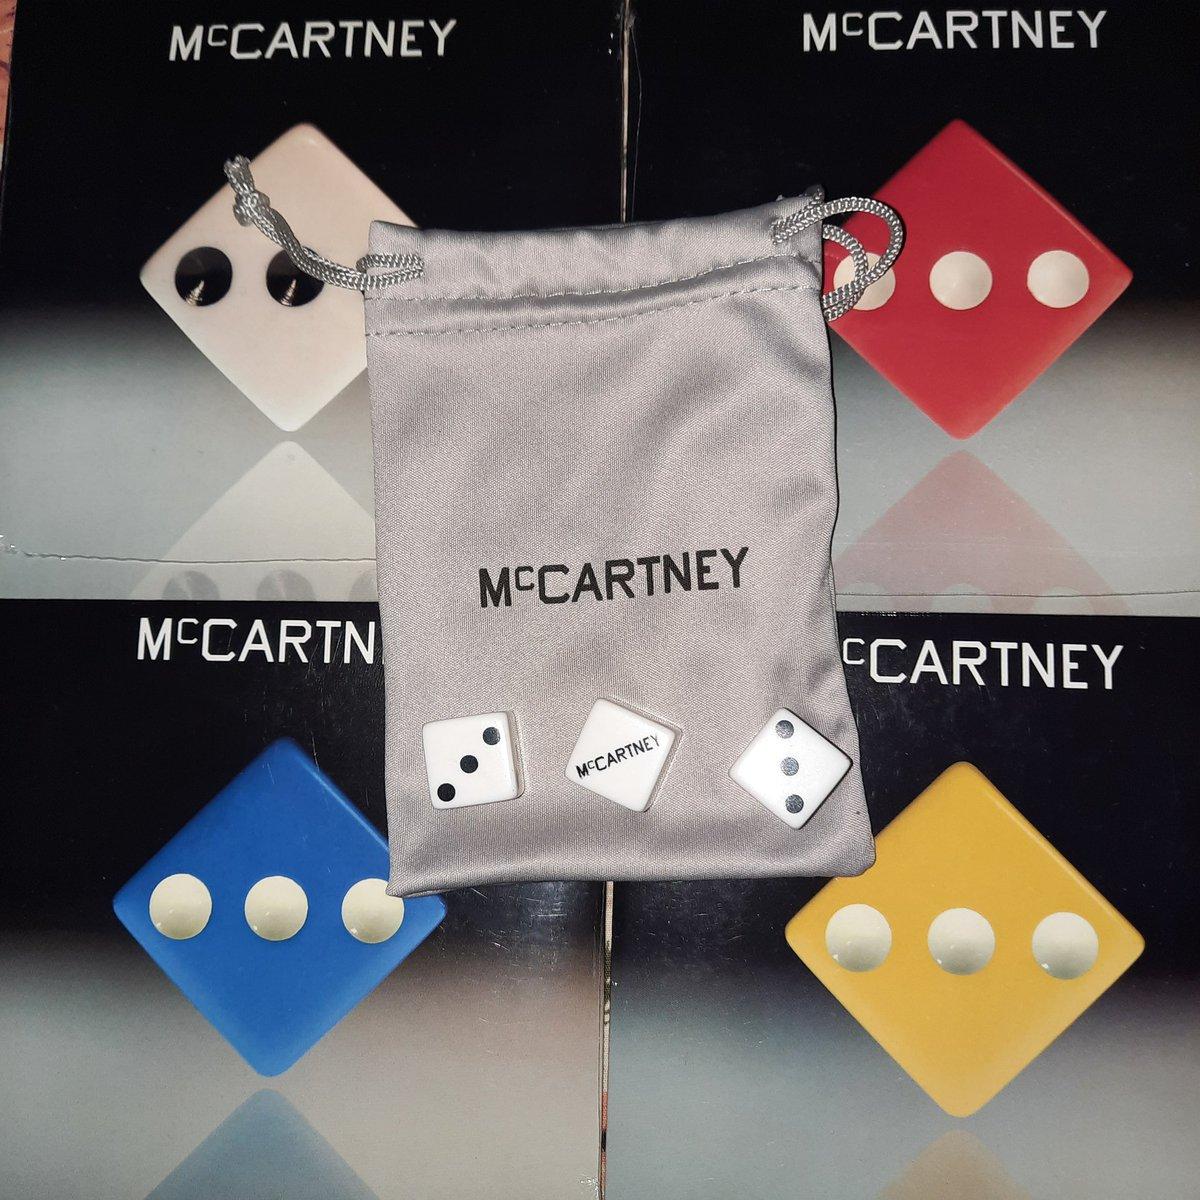 Y lo cumplí, ya en mi colección. 🎲 #McCartneyIII @PaulMcCartney